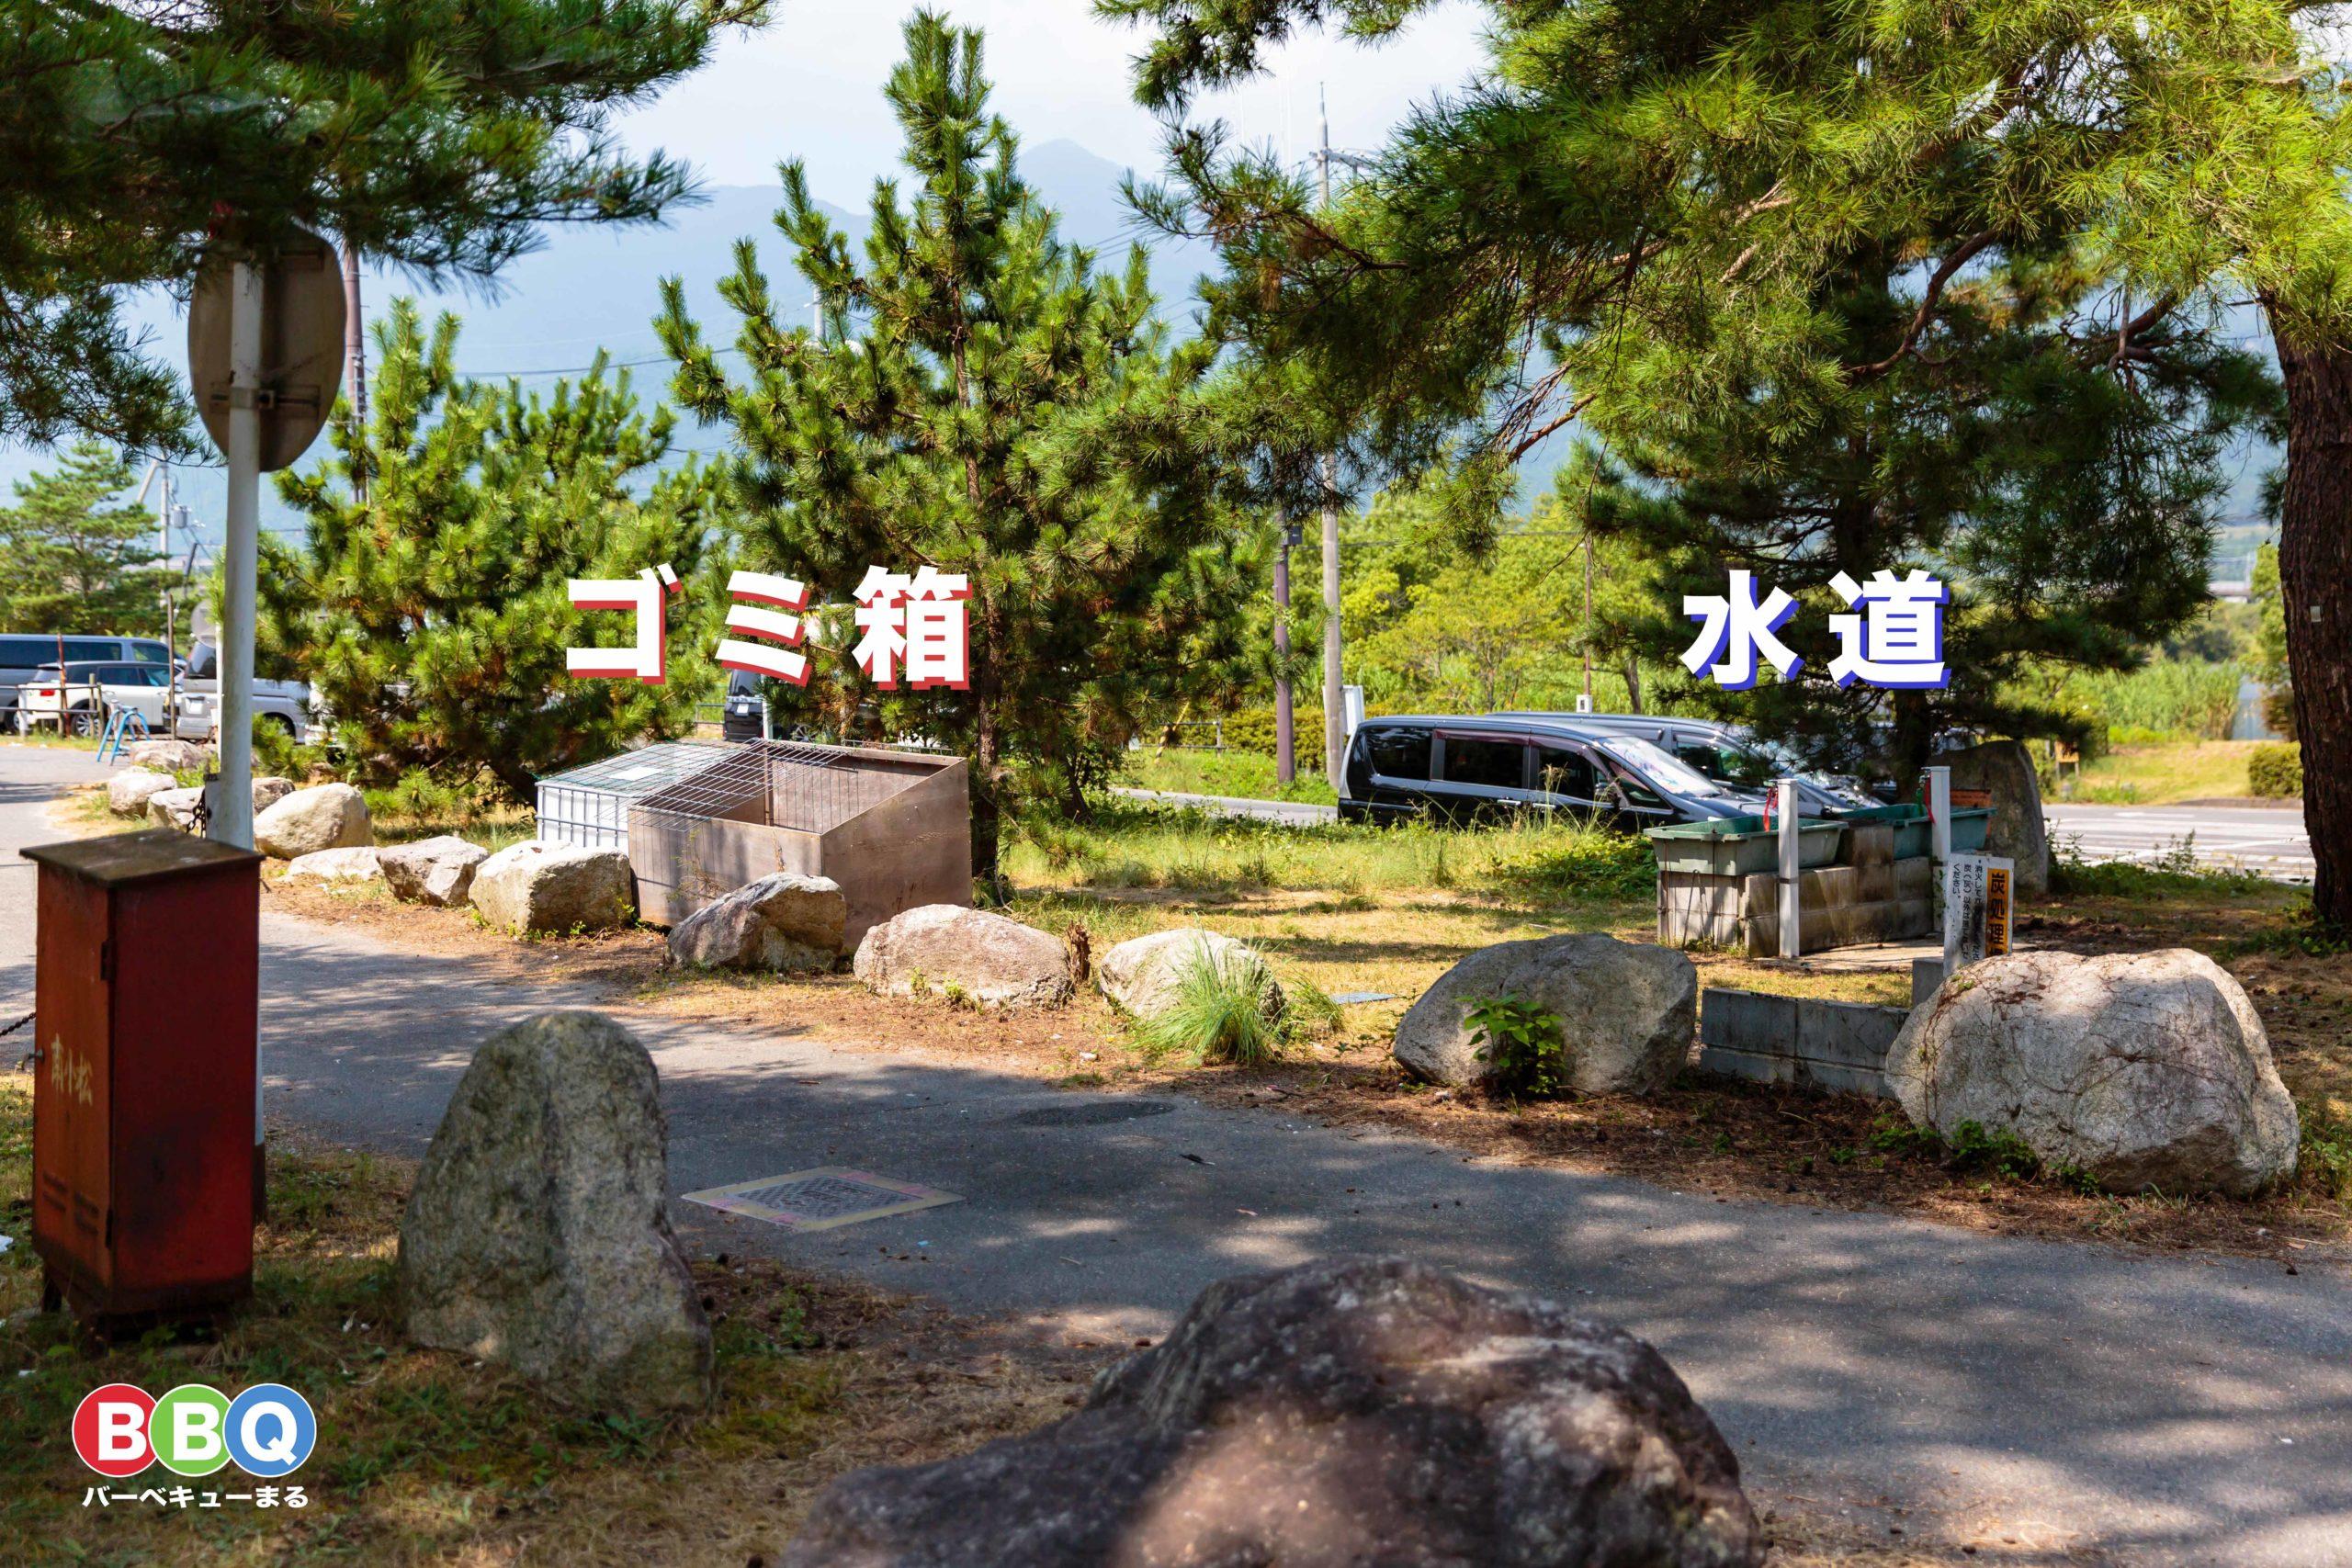 近江舞子中浜水泳場の水道、ゴミ箱